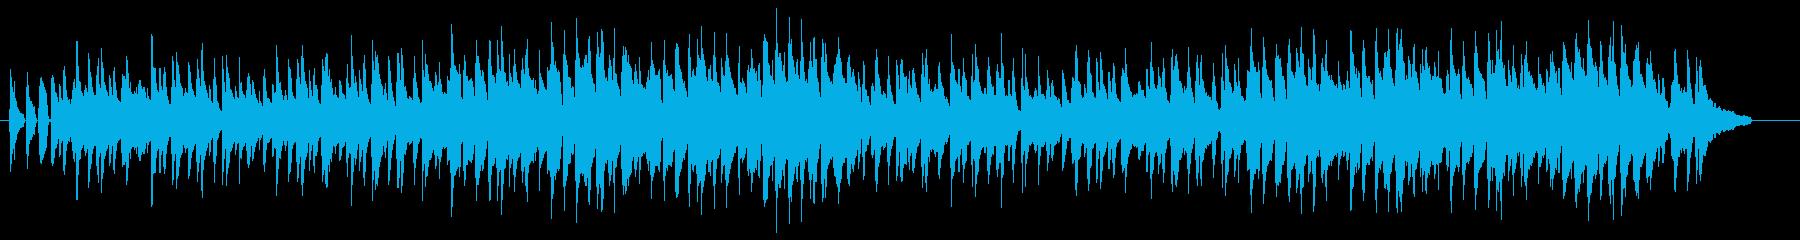 素朴でコミカルな、ピアノとウクレレがメ…の再生済みの波形